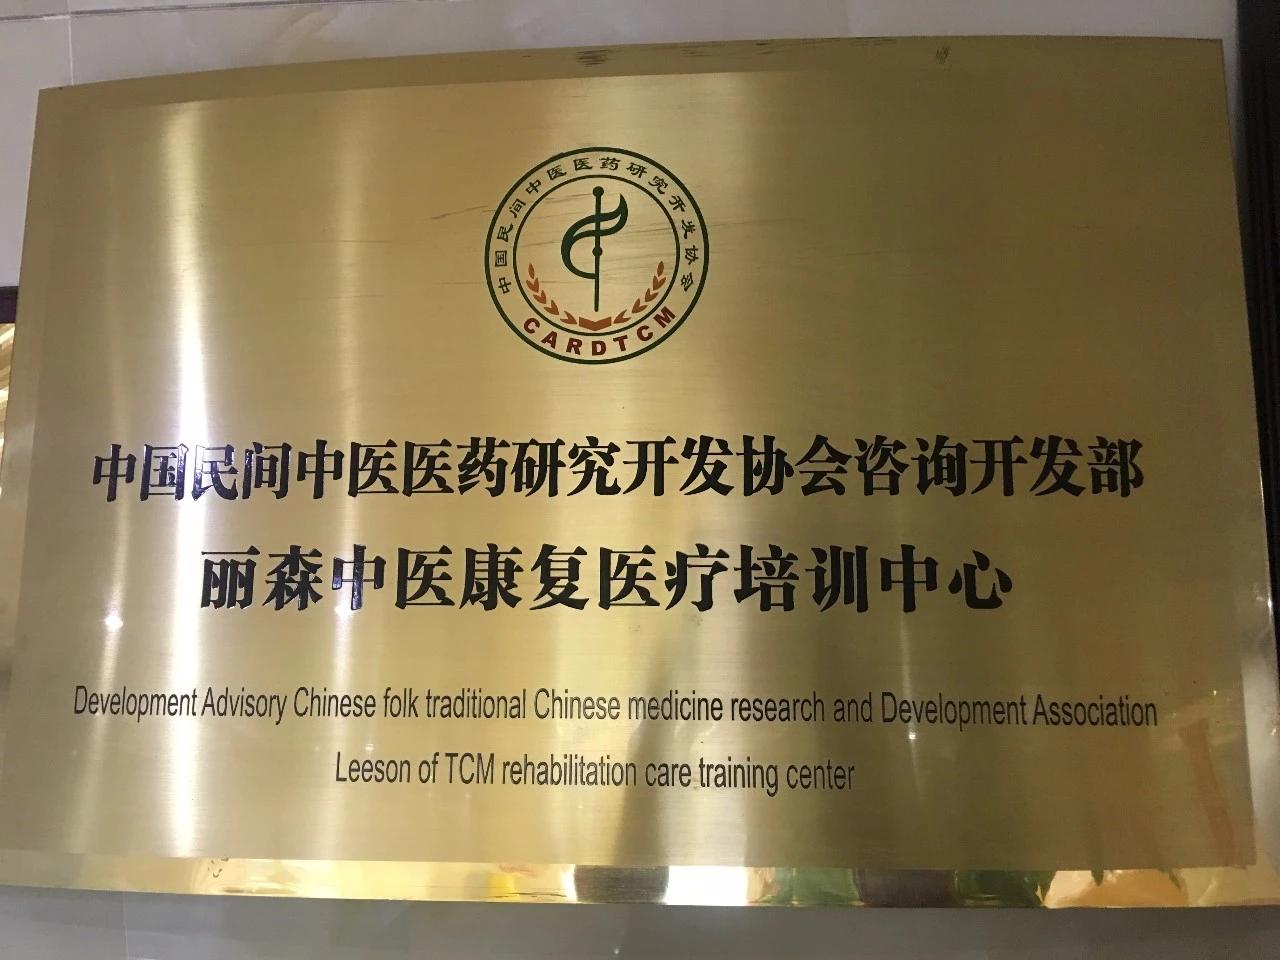 中医康复医疗培训中心